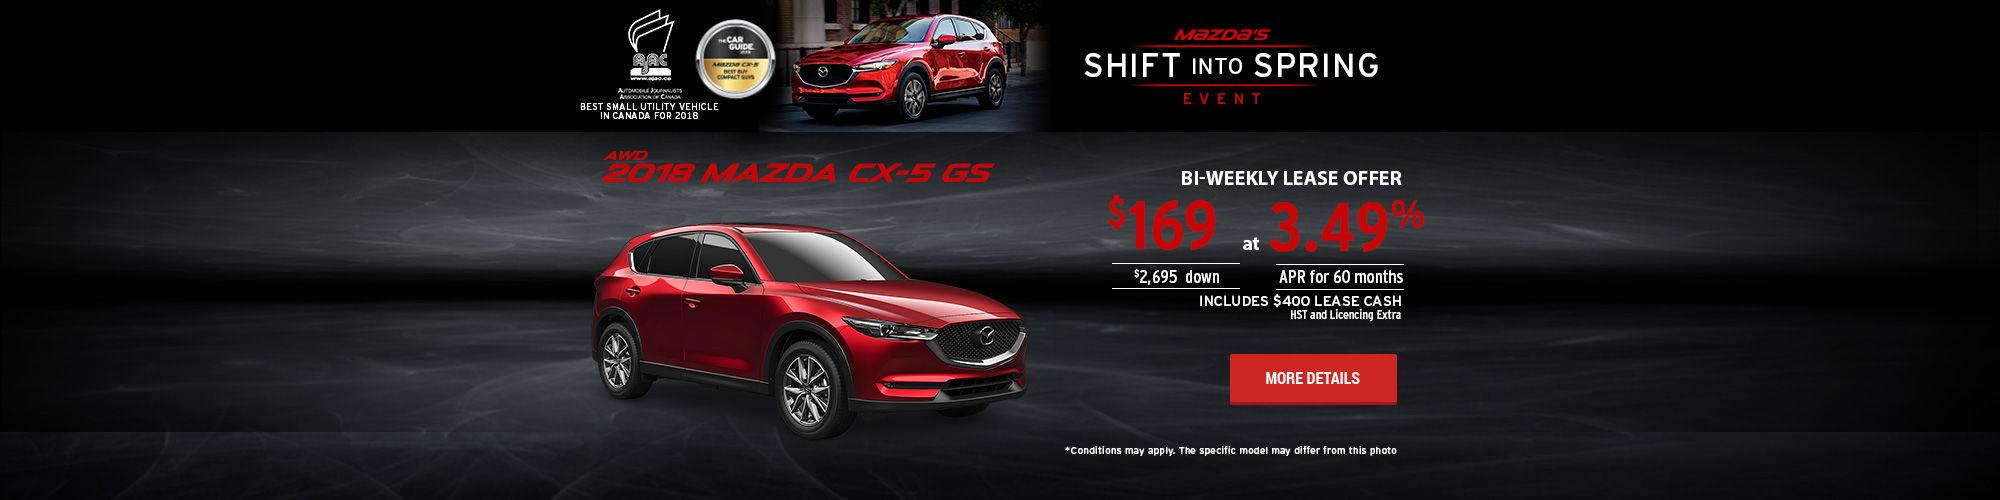 Mazda's Shift Into Spring Event - CX-5